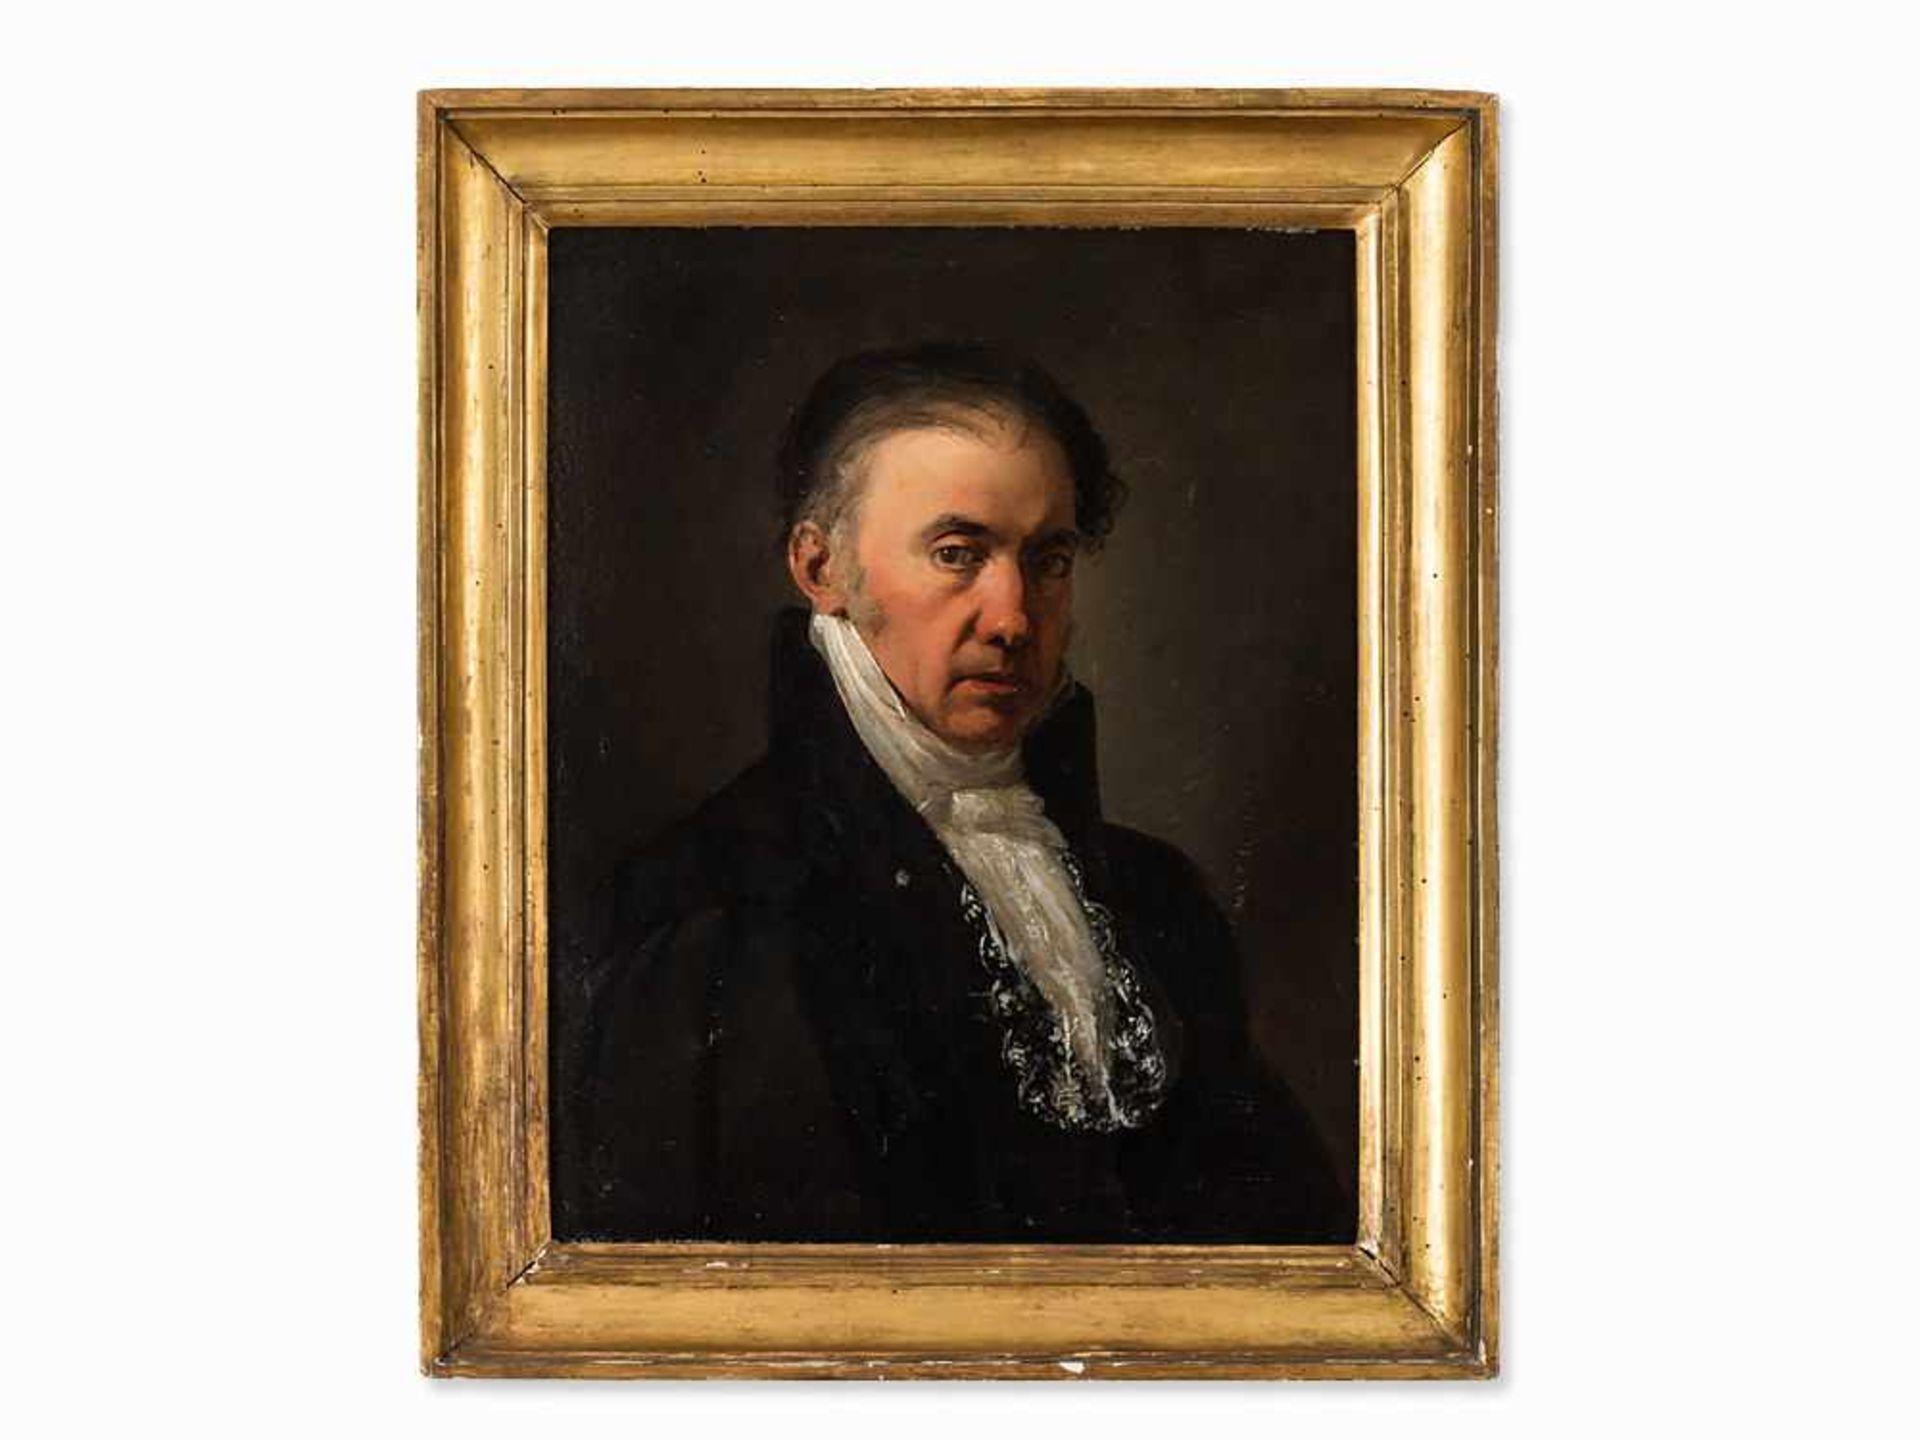 Los 63 - Porträt eines Richters, Ölgemälde, Spanische Schule, um 1800 Öl auf Leinwand, doubliert. Spanien,